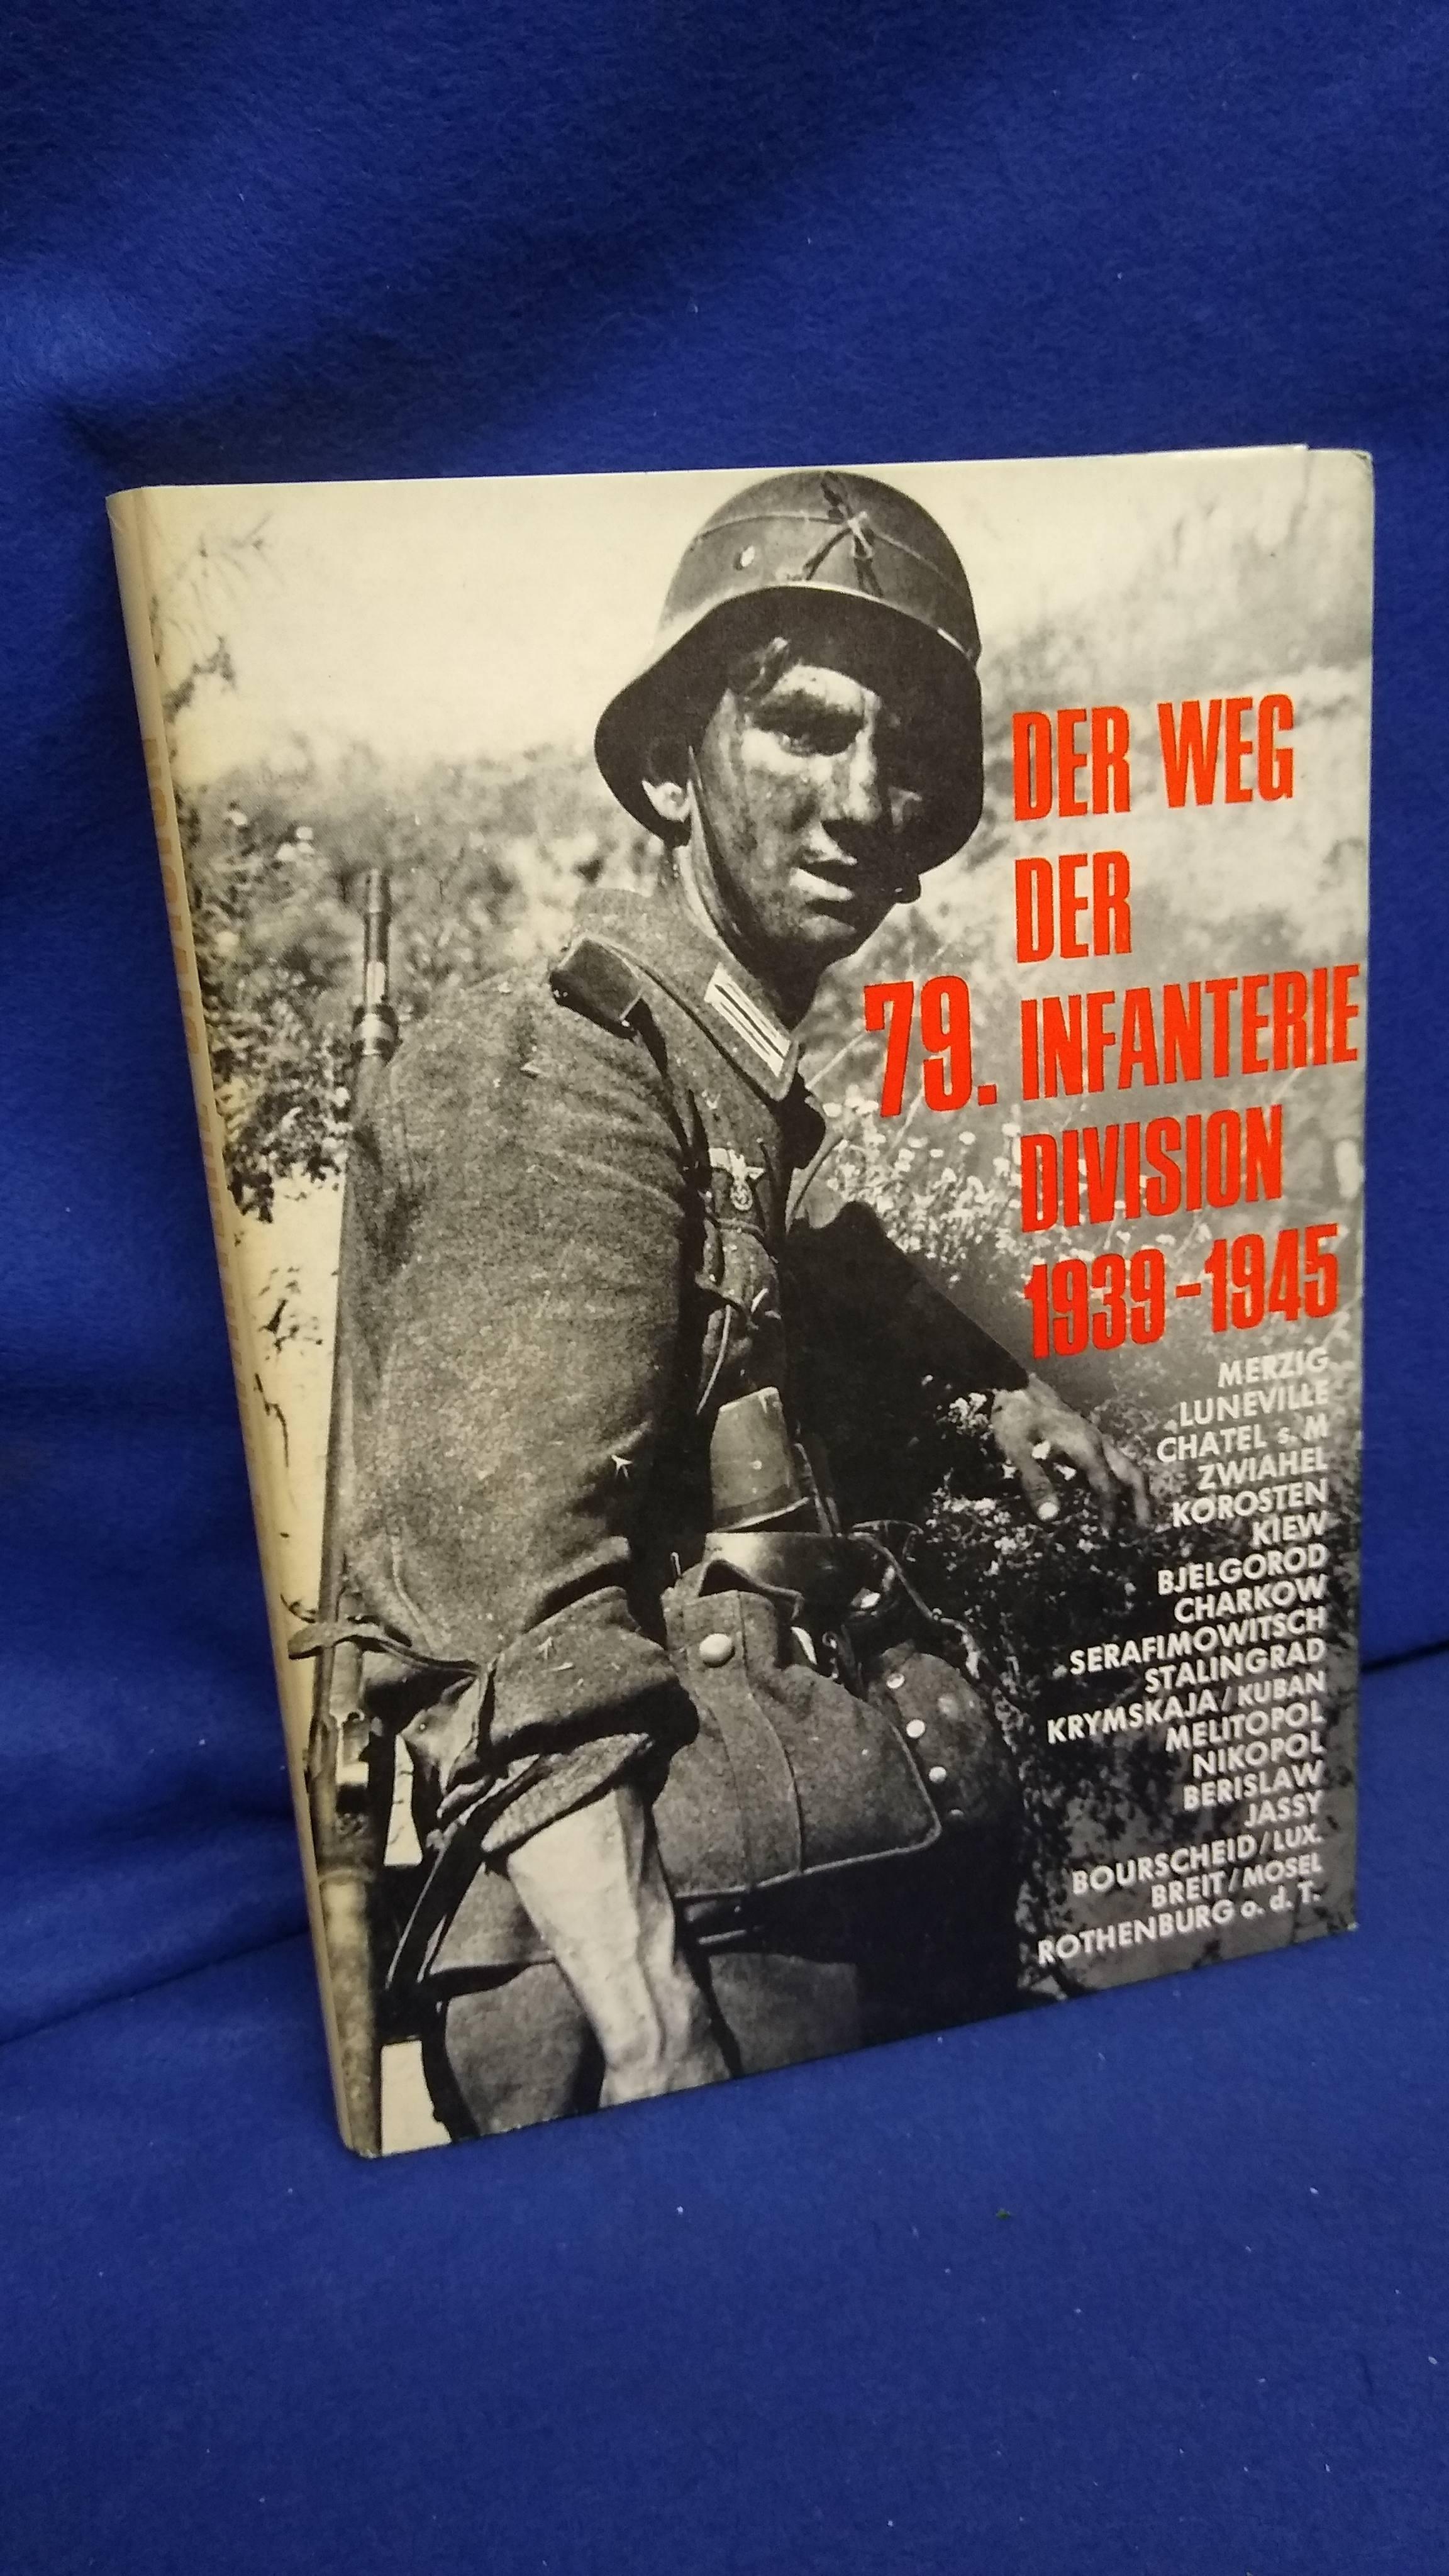 Der Weg der 79. Infanterie-Division.